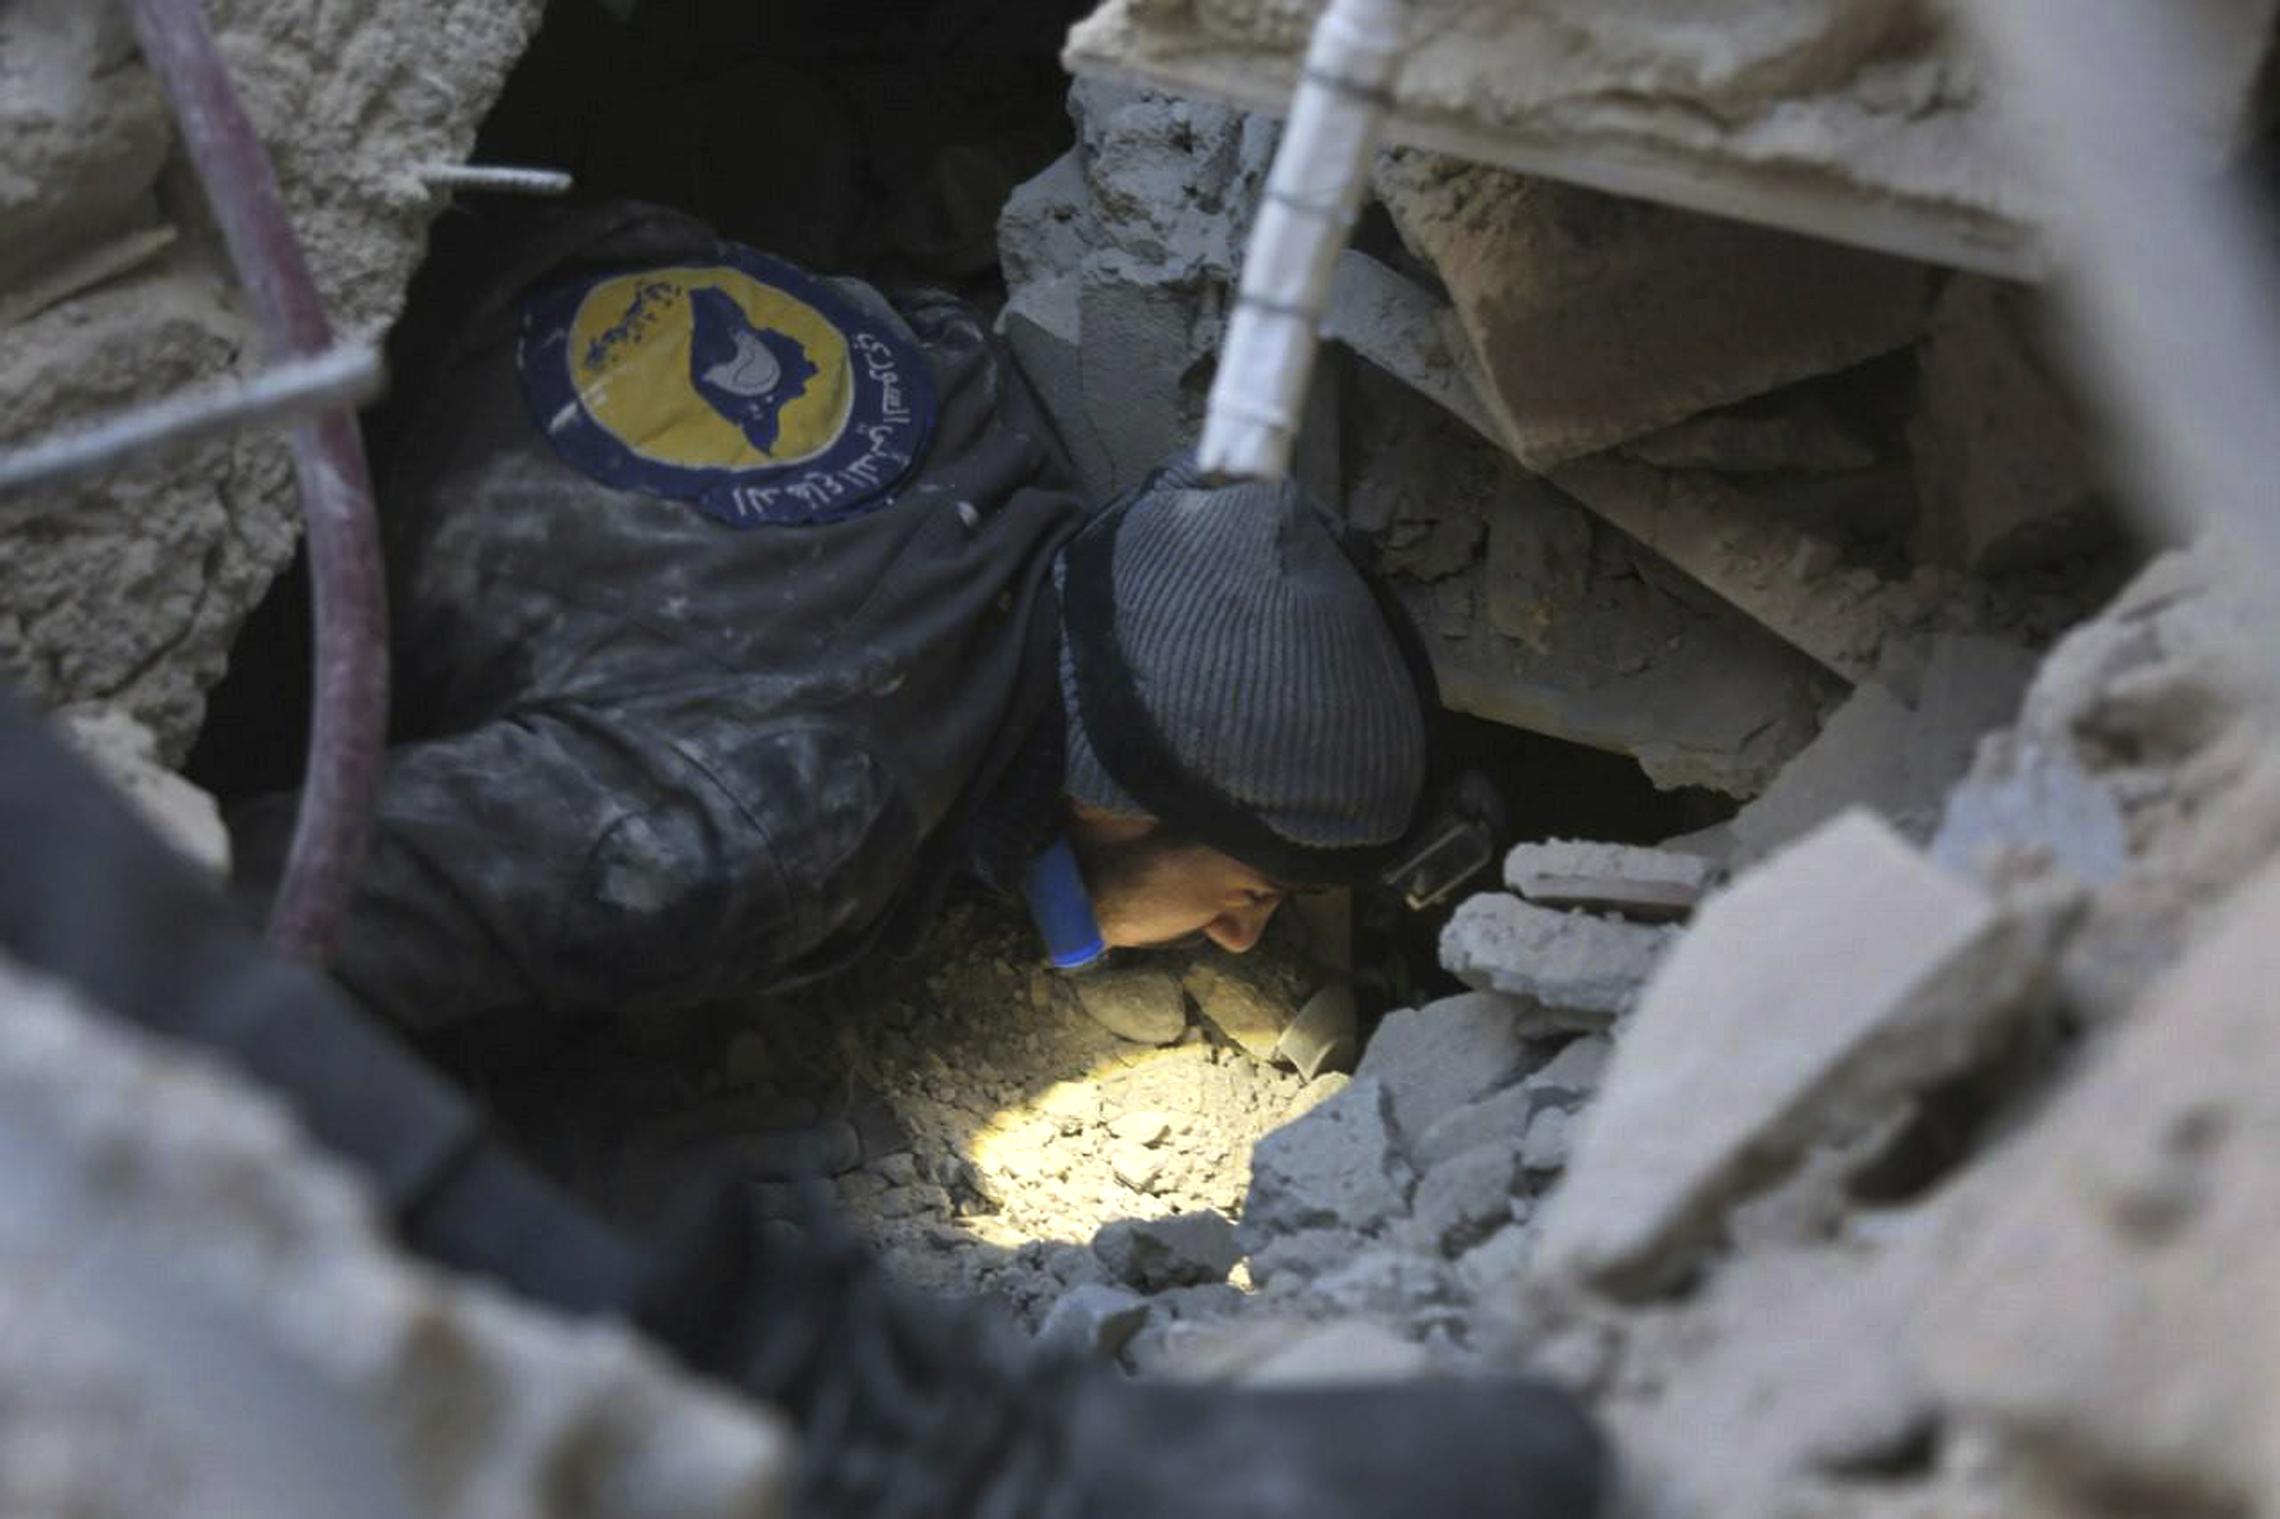 (الدفاع المدني السوري الخوذ البيض عبر أب)